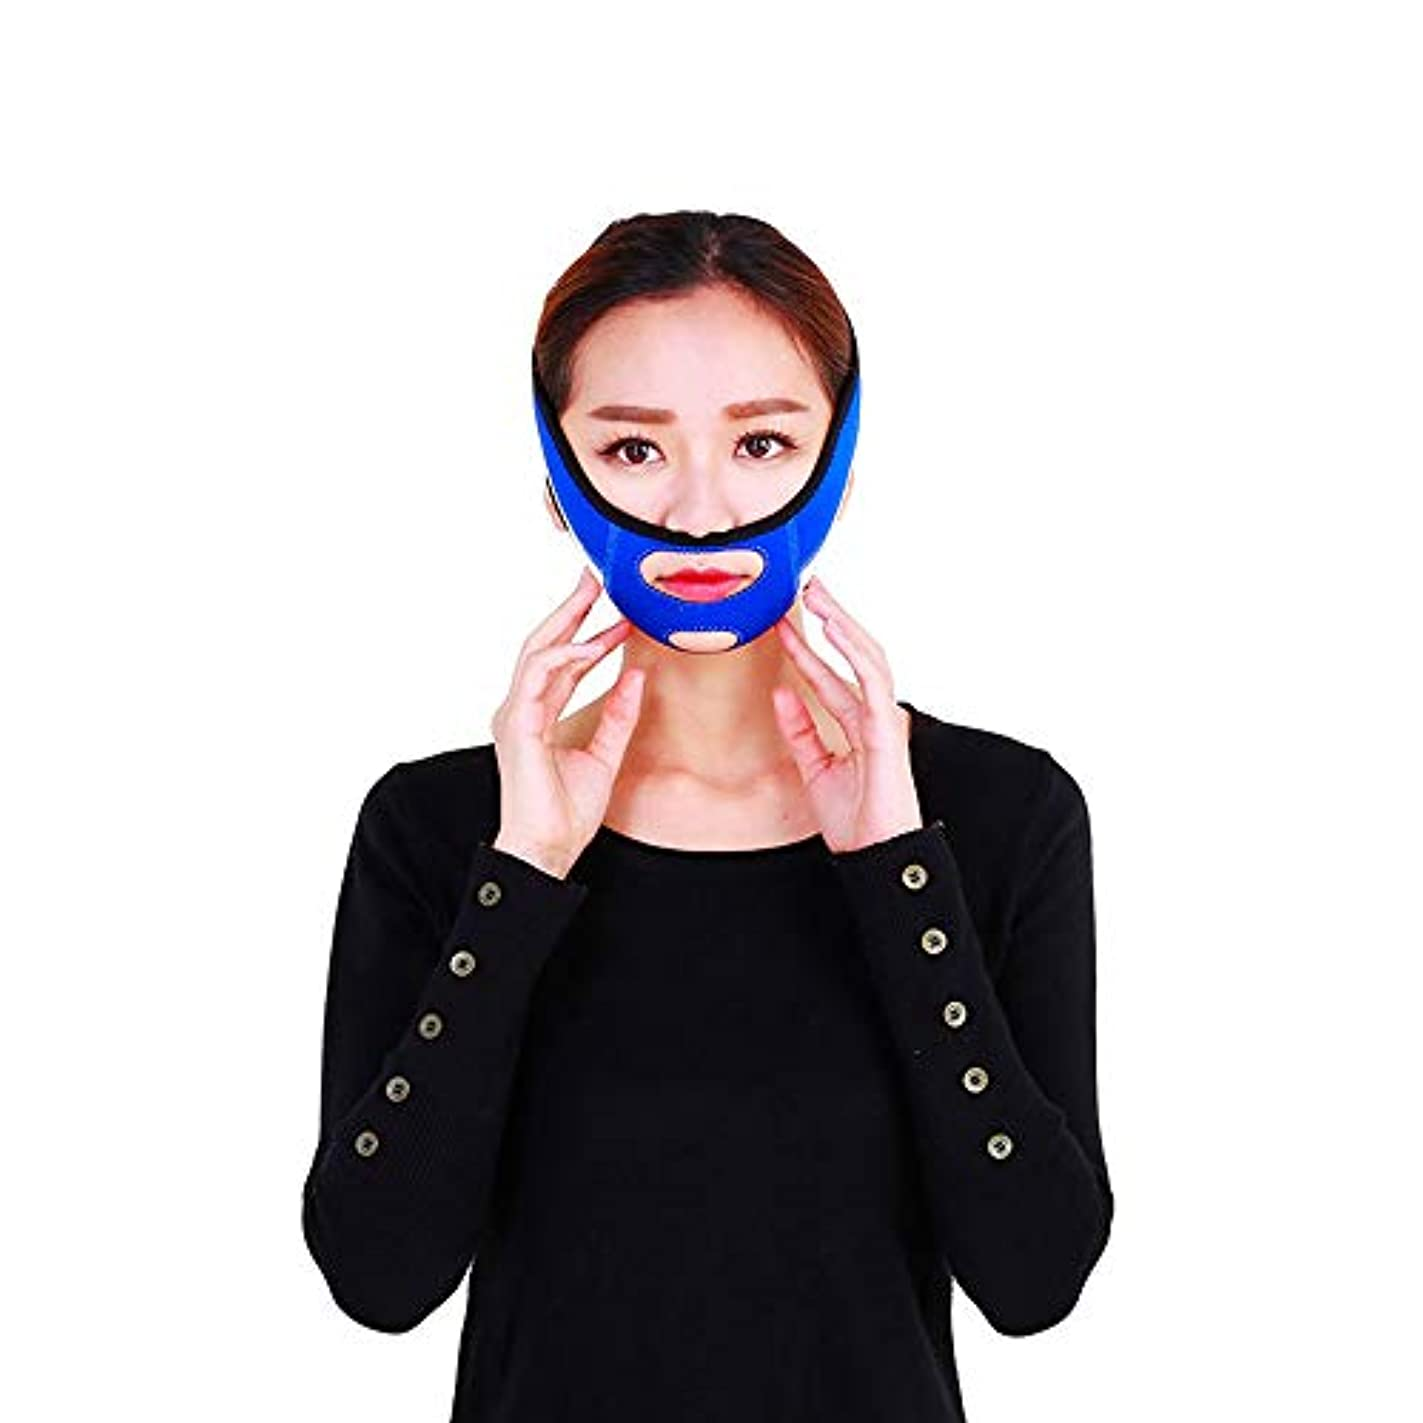 待って居間アプローチ飛強強 フェイシャルリフティング痩身ベルトフェーススリム二重あごを取り除くアンチエイジングリンクルフェイス包帯マスク整形マスクが顔を引き締める スリムフィット美容ツール